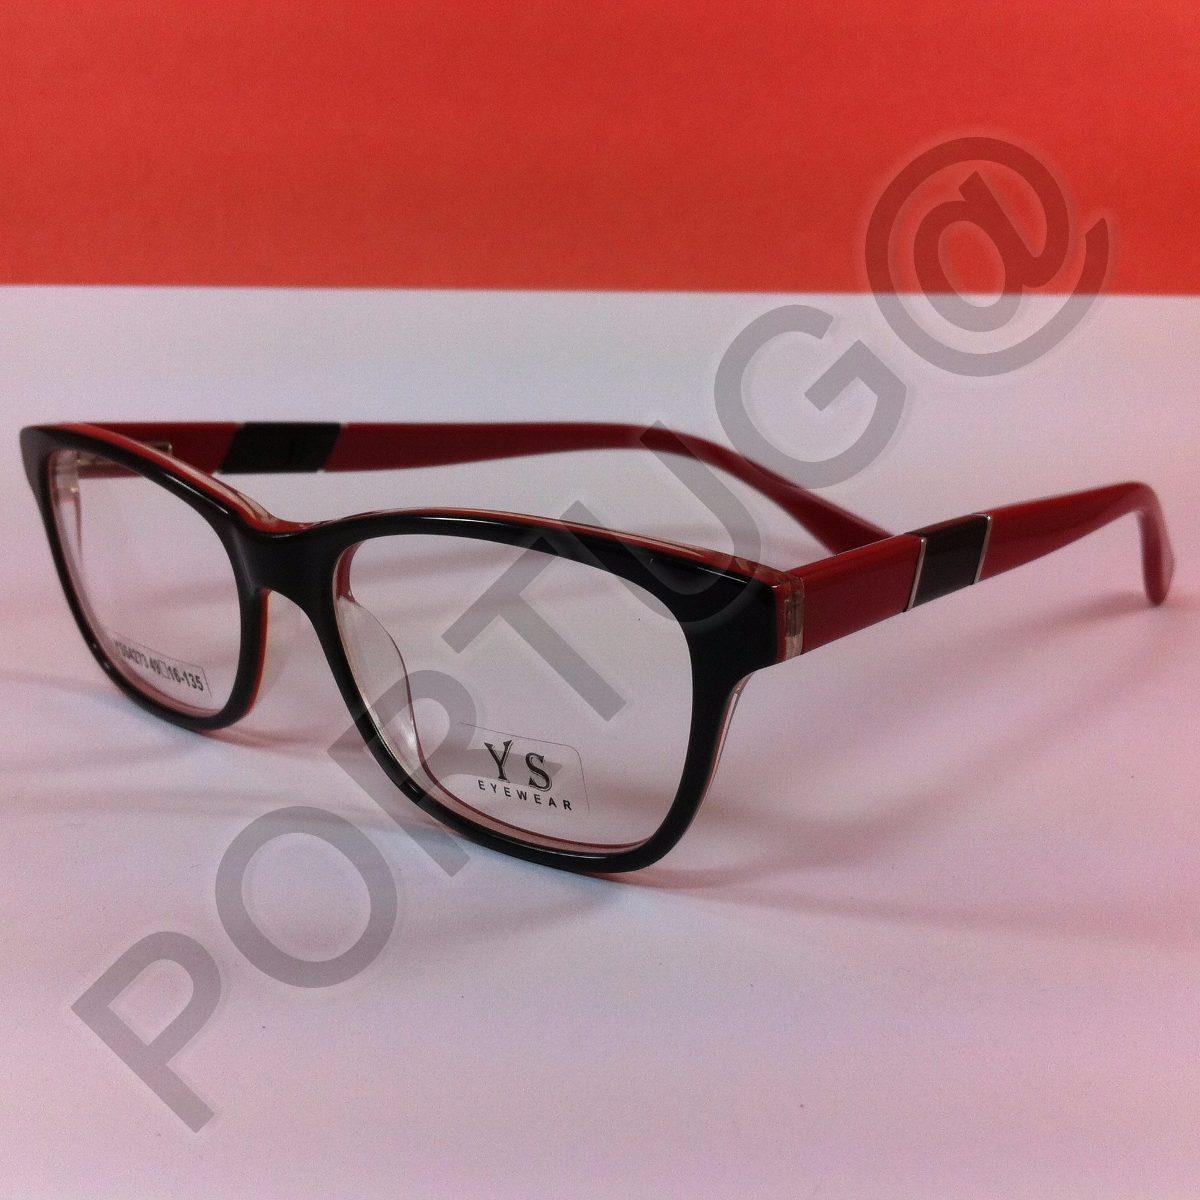 ae9e3947a armação preta c/ vermelho infantil criança óculos lente grau. Carregando  zoom.